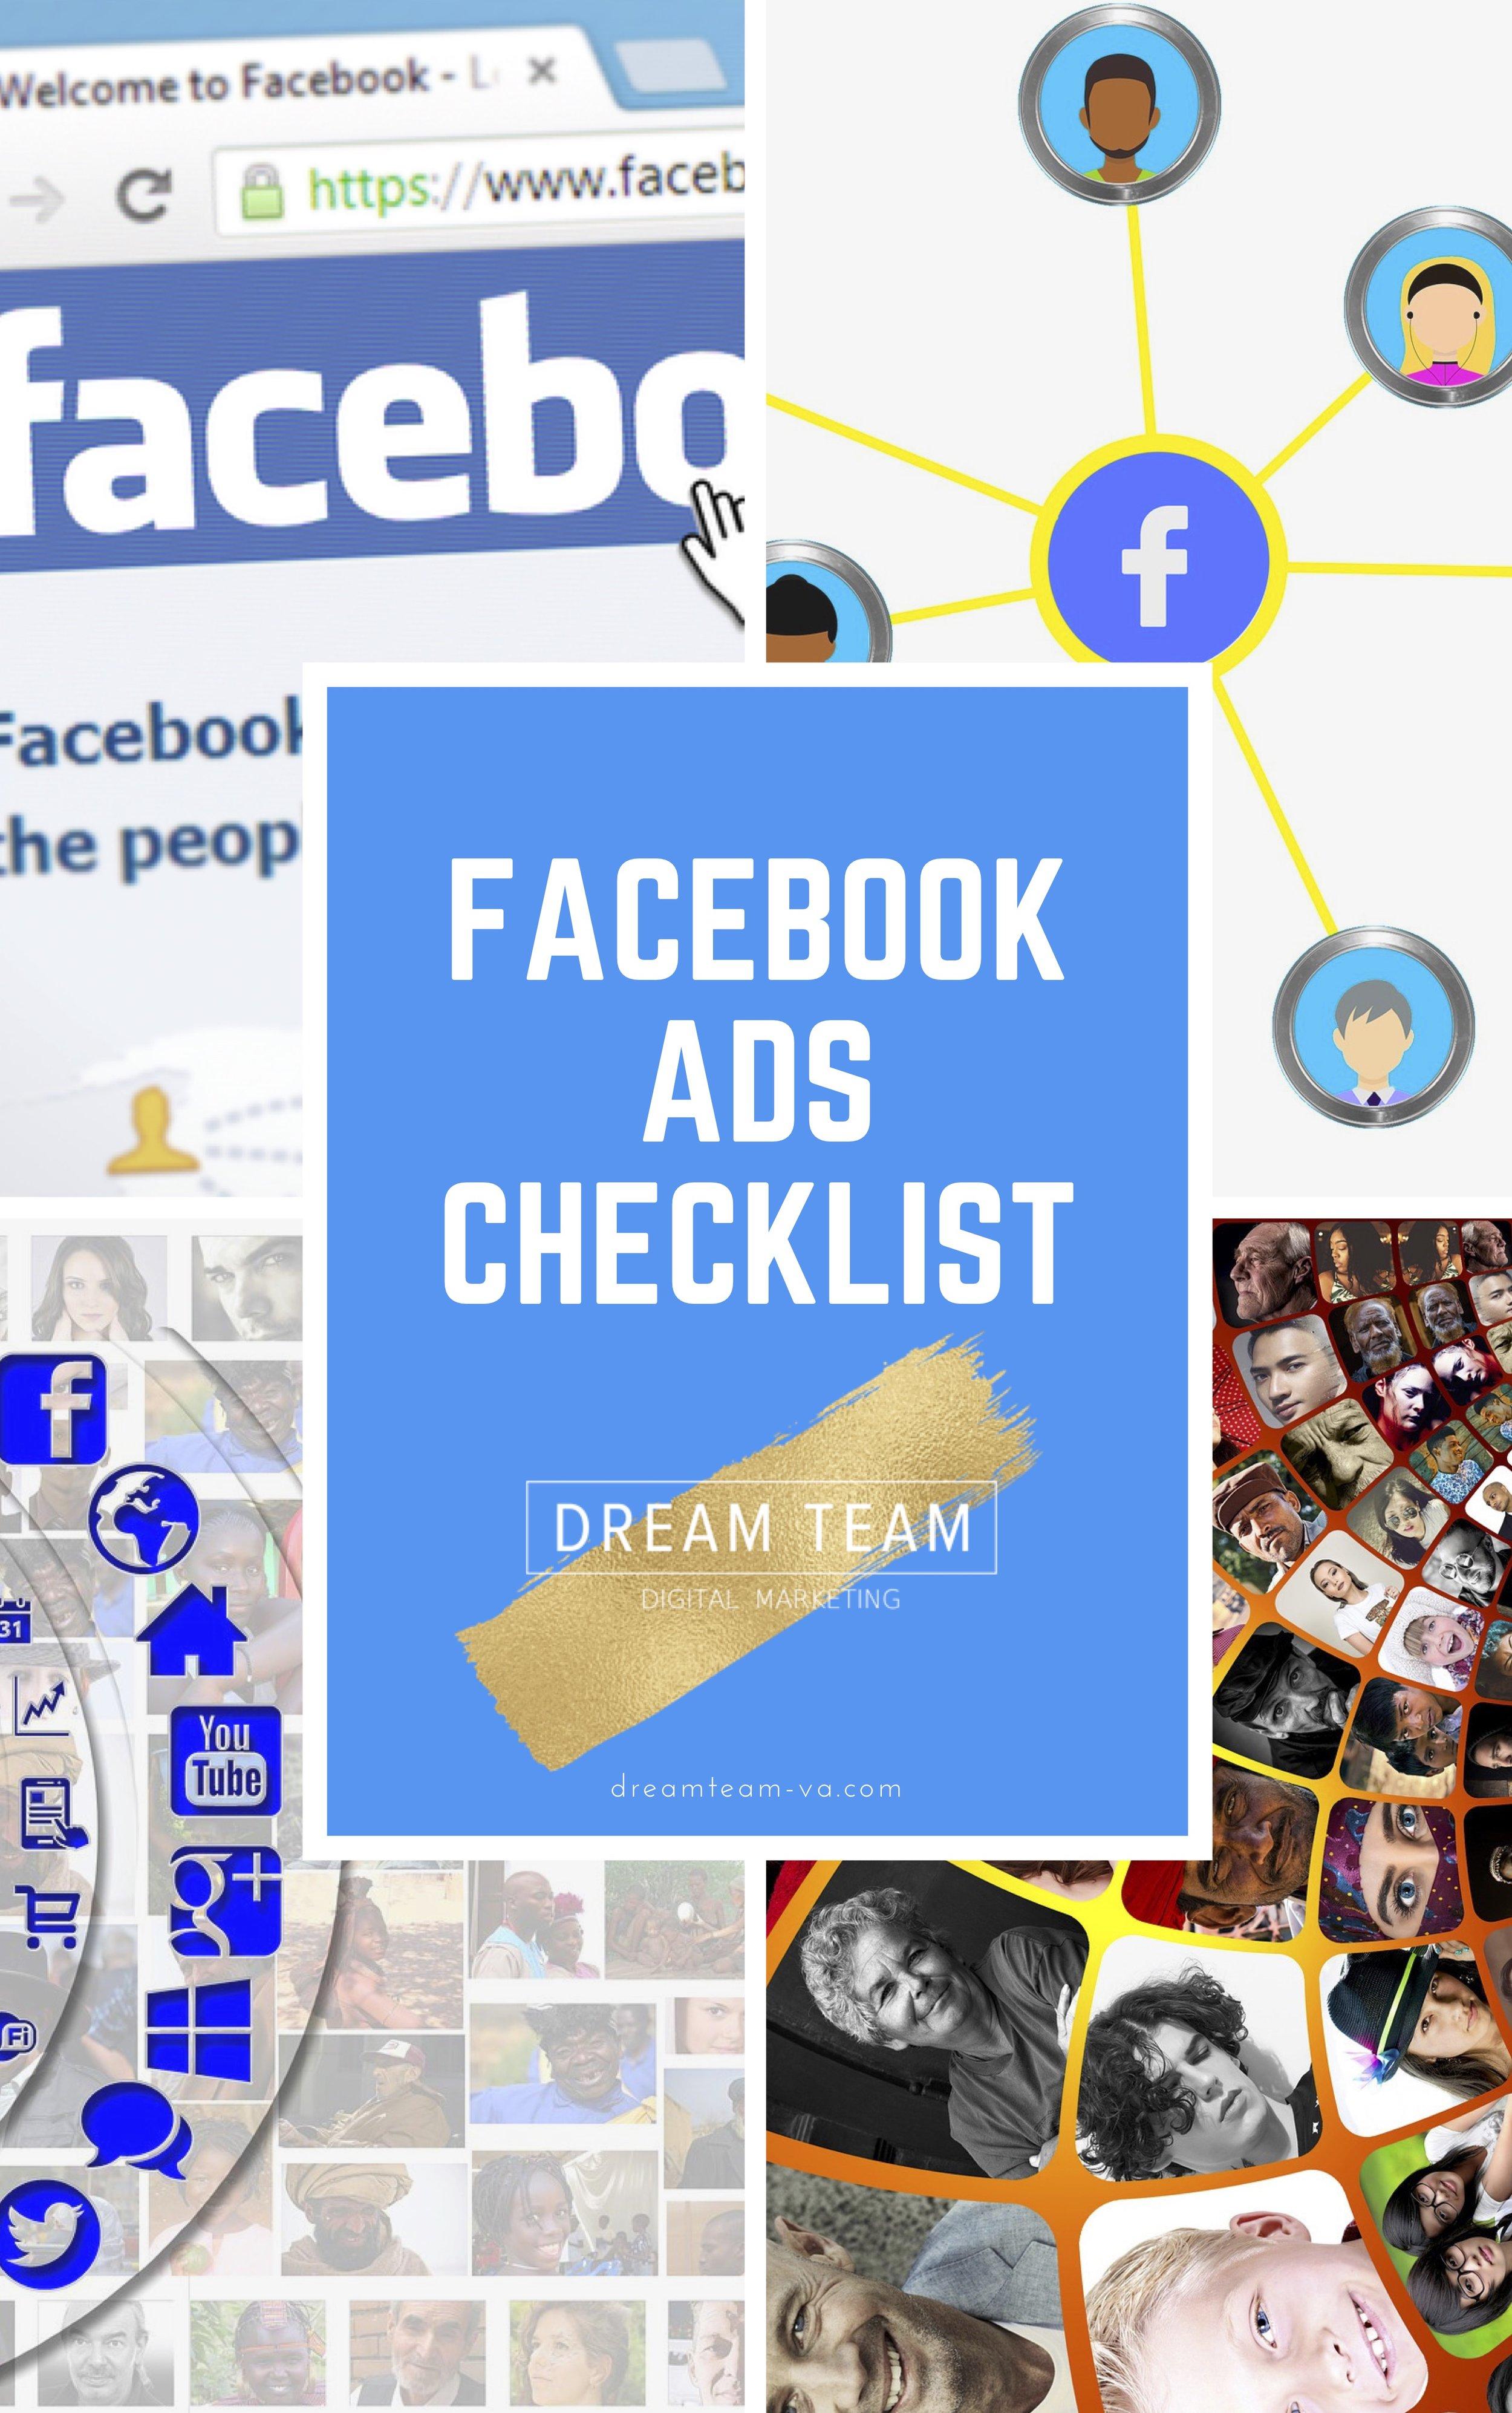 Facebook+Ads+Checklist.jpg